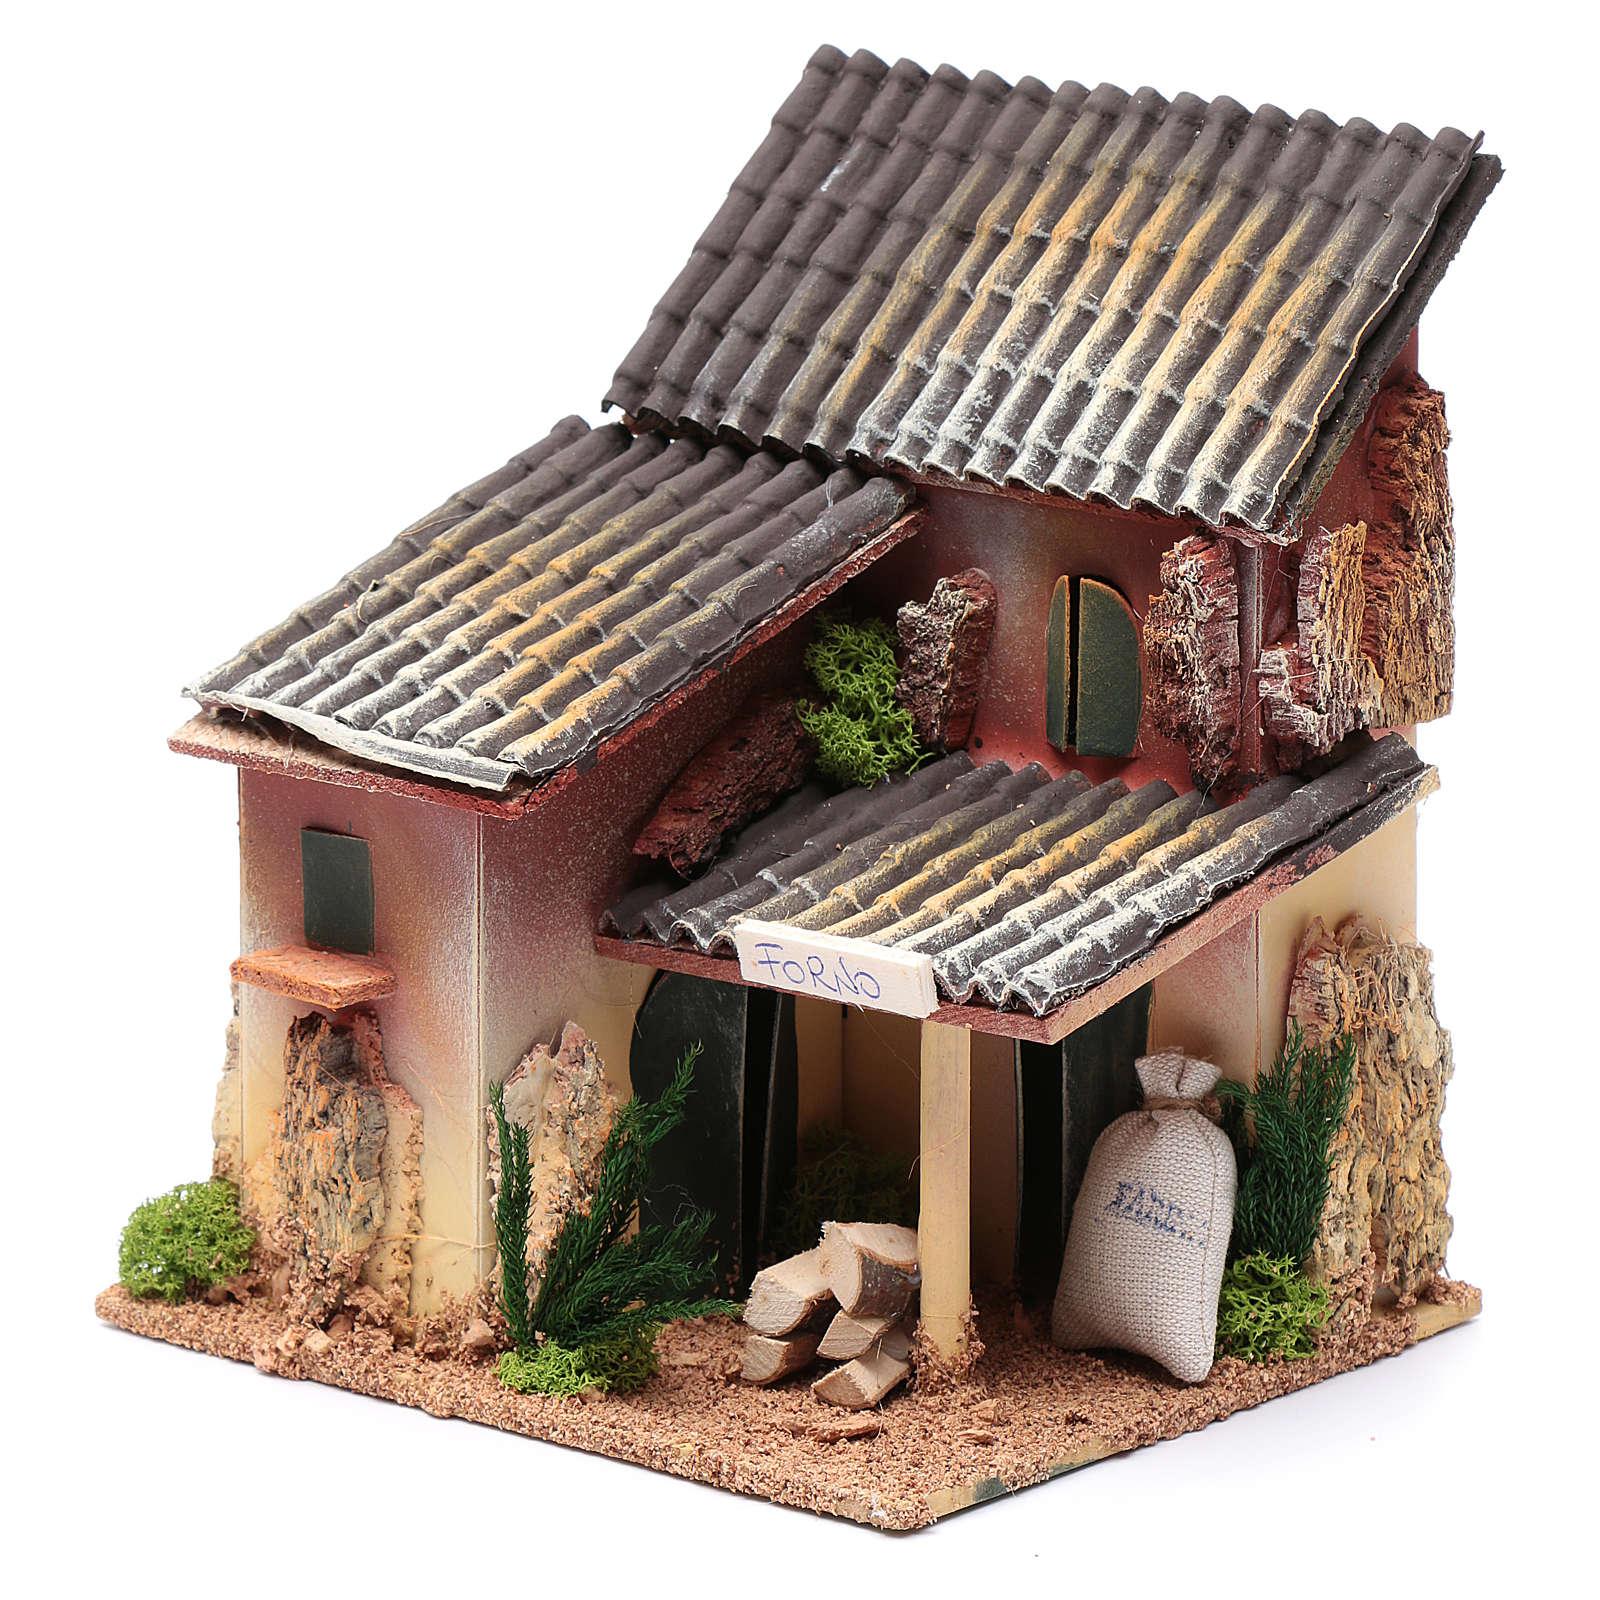 Ambientación con tienda panadería 25x20x15 cm 4